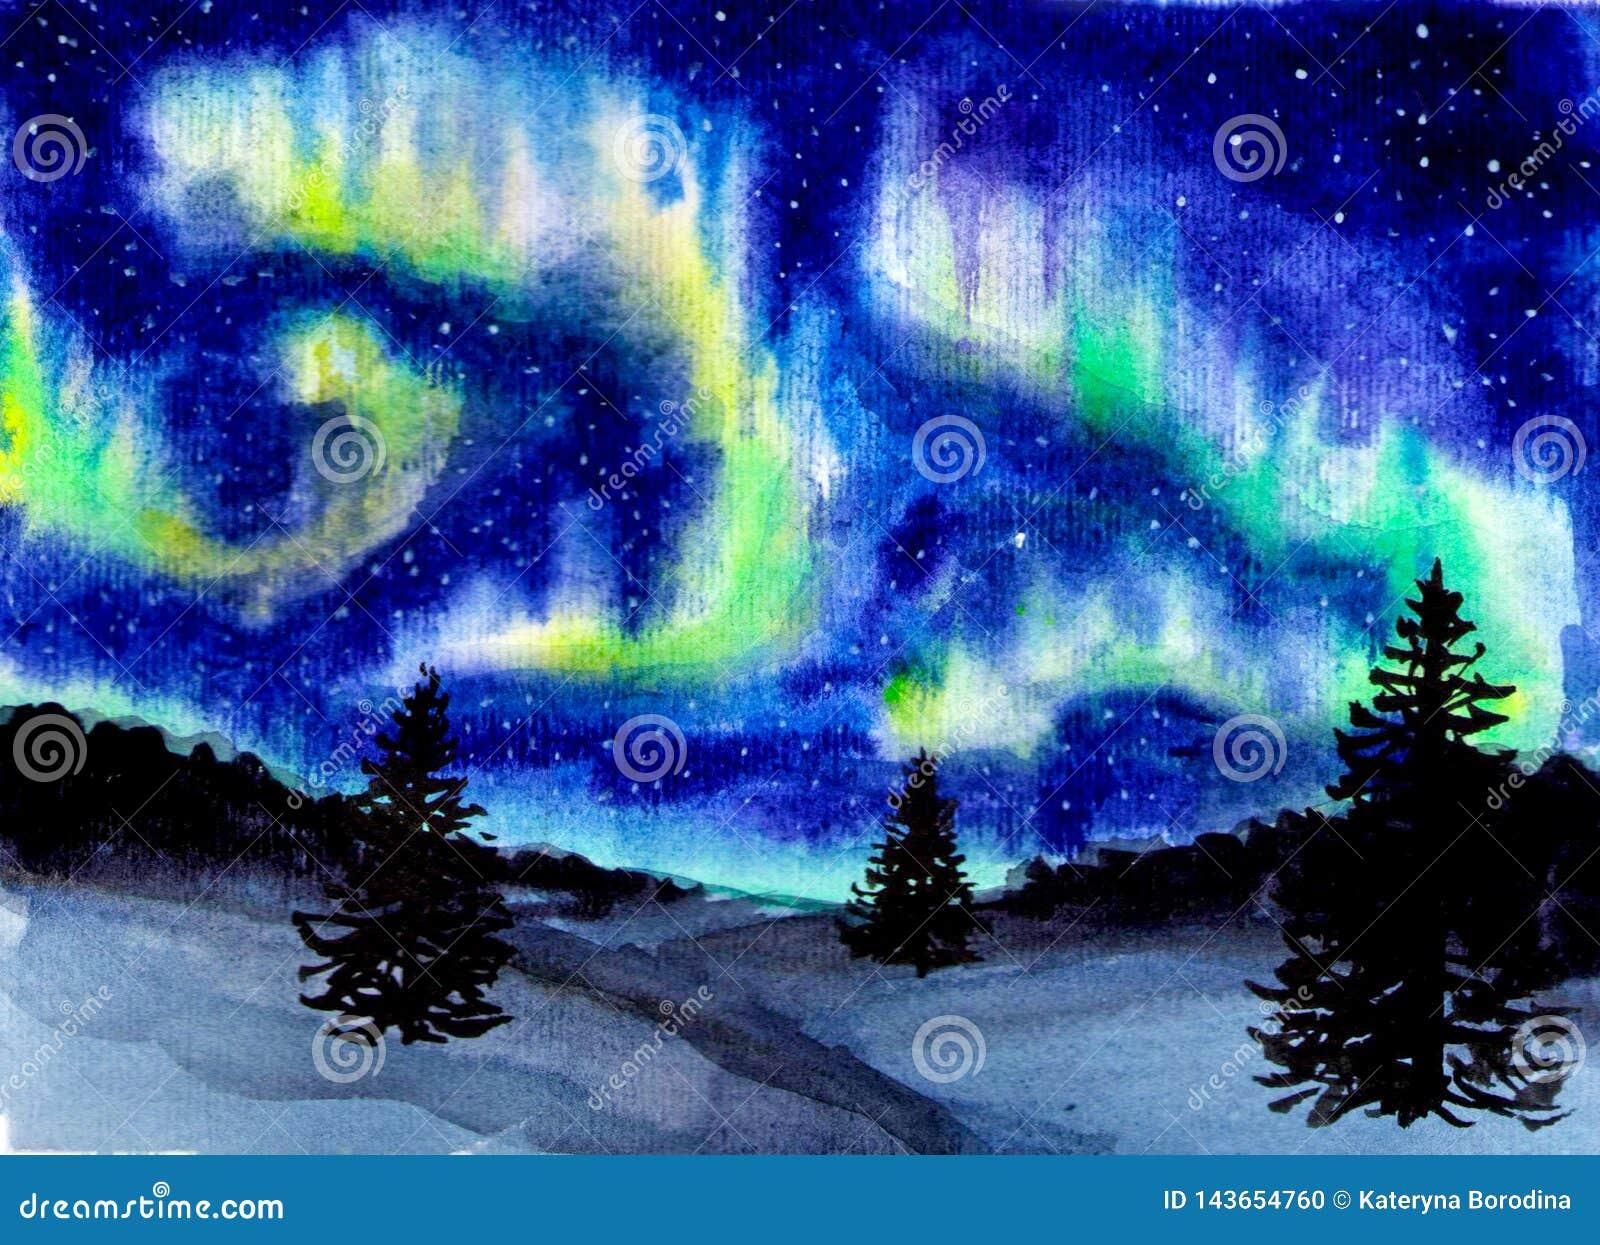 Ręka rysujący akwarela krajobraz z północnym światłem Tajemnicza łuna w niebie przy nocą